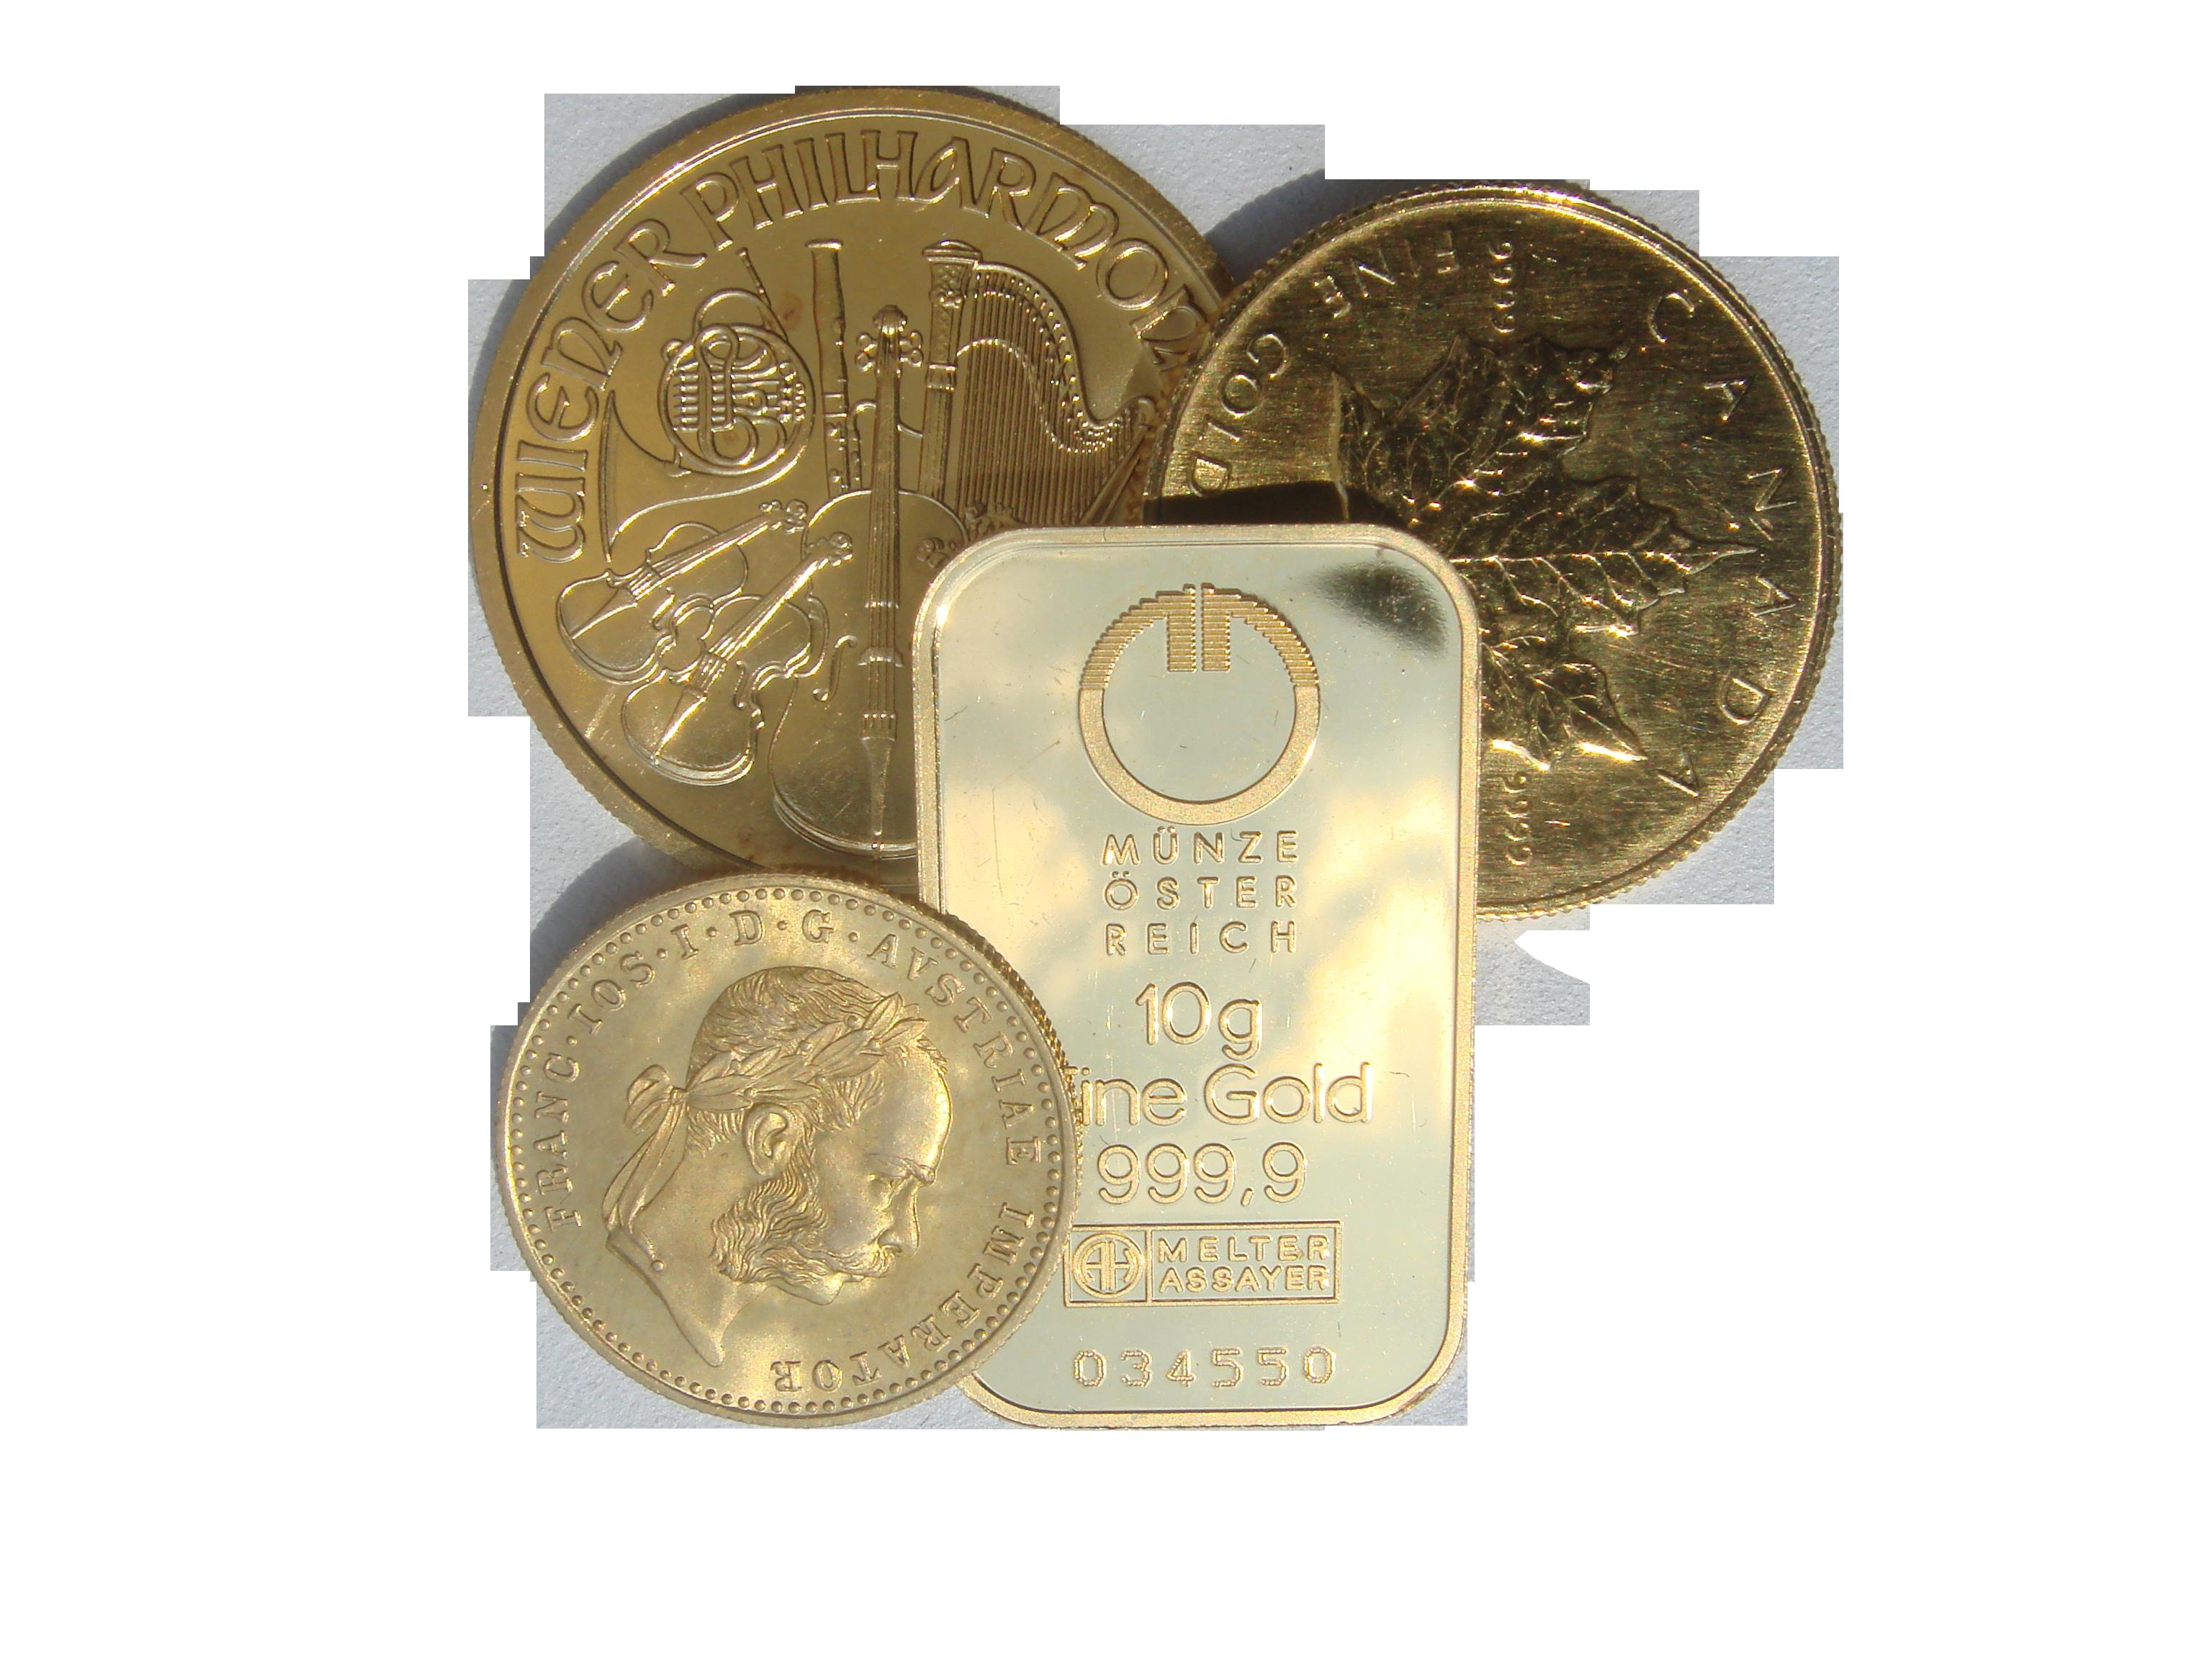 Luxusuhren Münzen Schmuck Diamanten Goldankauf Sv Gutachten